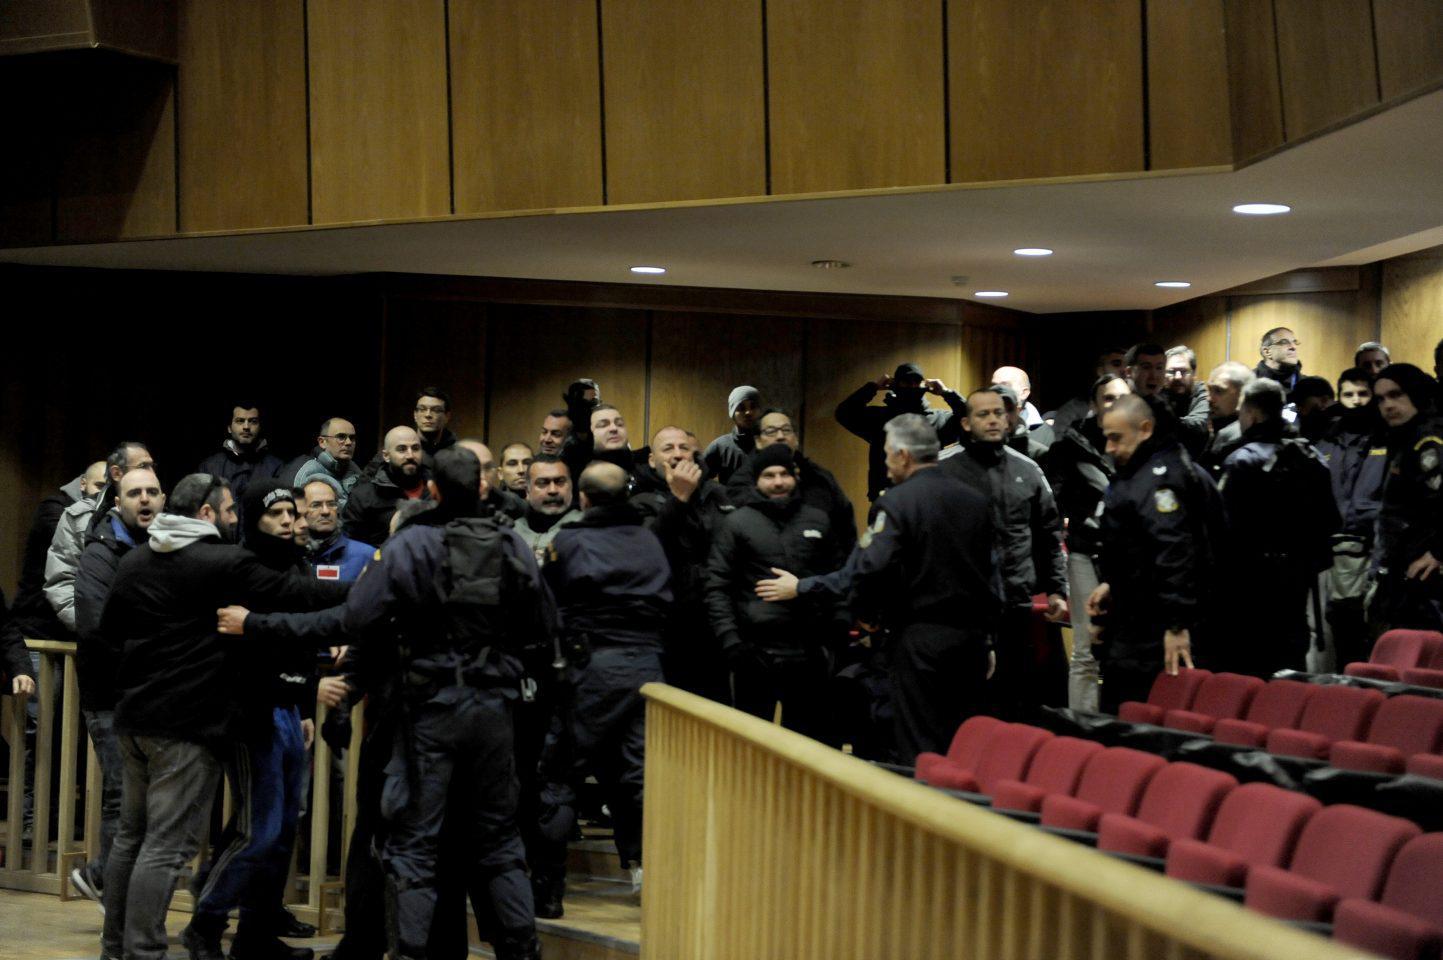 diki-xa-epeisodia-1300-5 Η Μάγδα Φύσσα θα καταθέσει μήνυση για τα επεισόδια στη δίκη της Χρυσής Αυγής